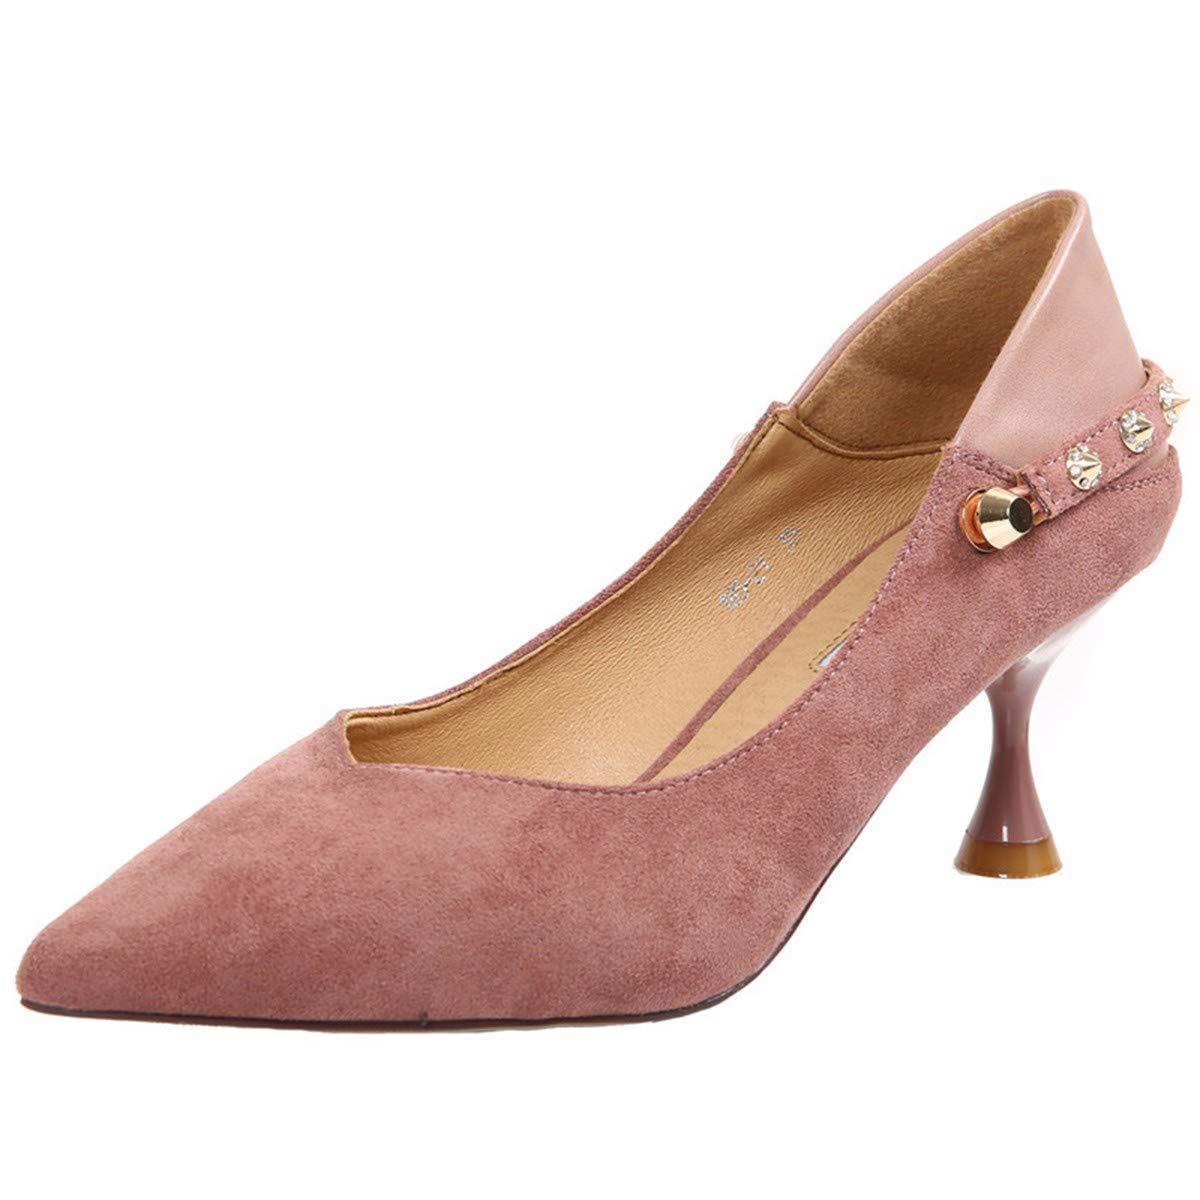 KPHY Damenschuhe Zwei Tragen Einzelne Schuhe Witze Witze Witze Rosa Schleife Nieten Scharfen Enden und 6 cm Hoch Rosa 37 b67958